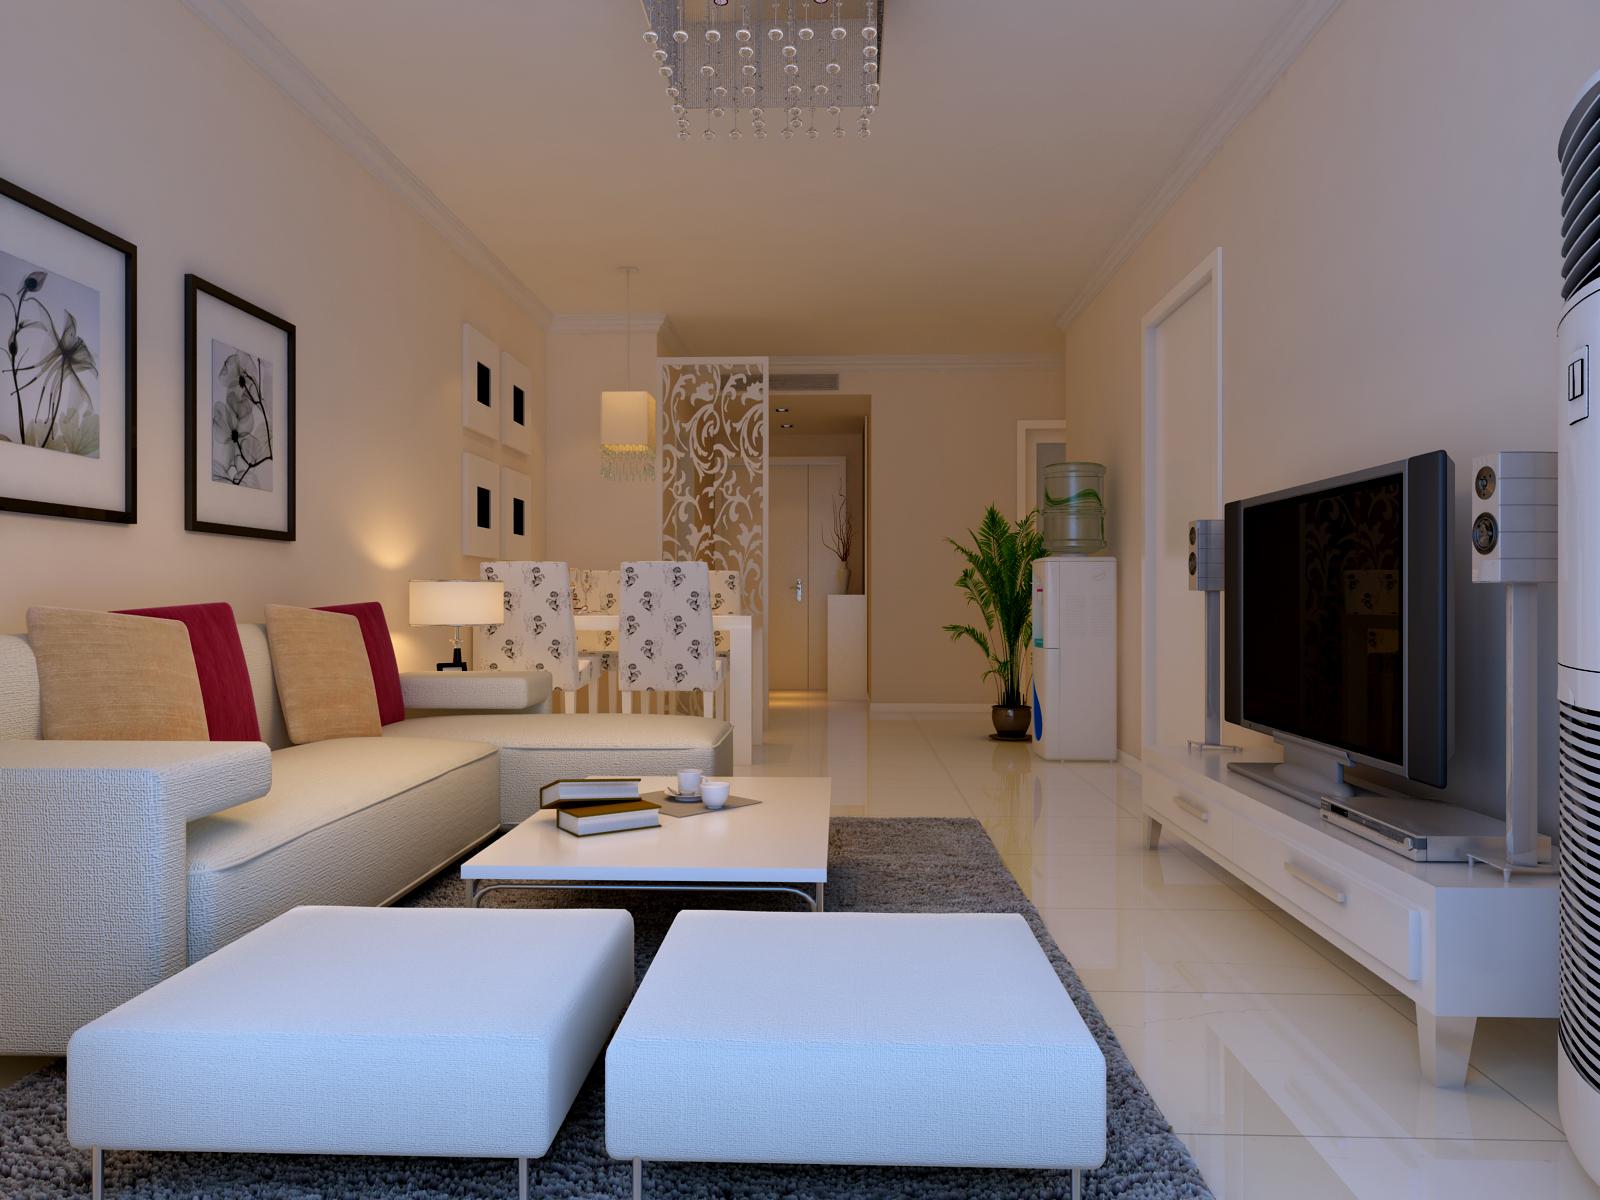 客厅图片来自今朝装饰小徐在中信城 70平现代简约风格的分享